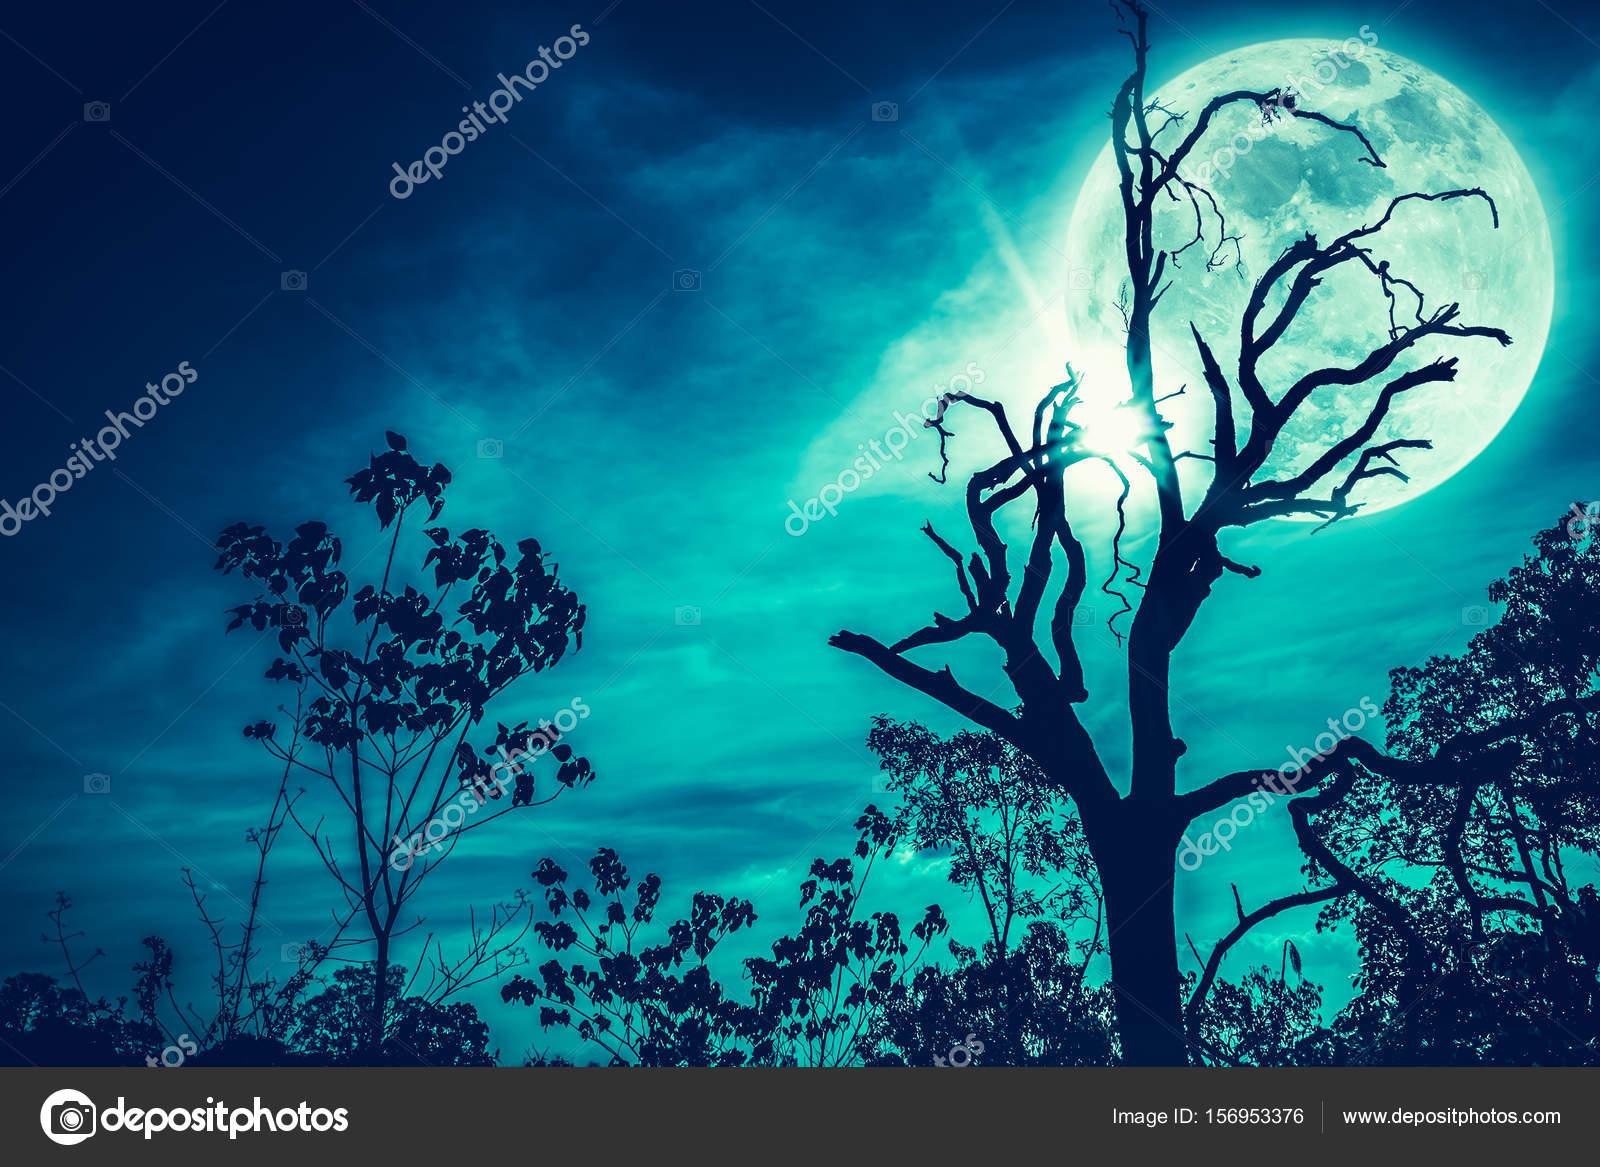 Fotos Super Bonitas De Paisajes Paisaje Nocturno Del Cielo Con La